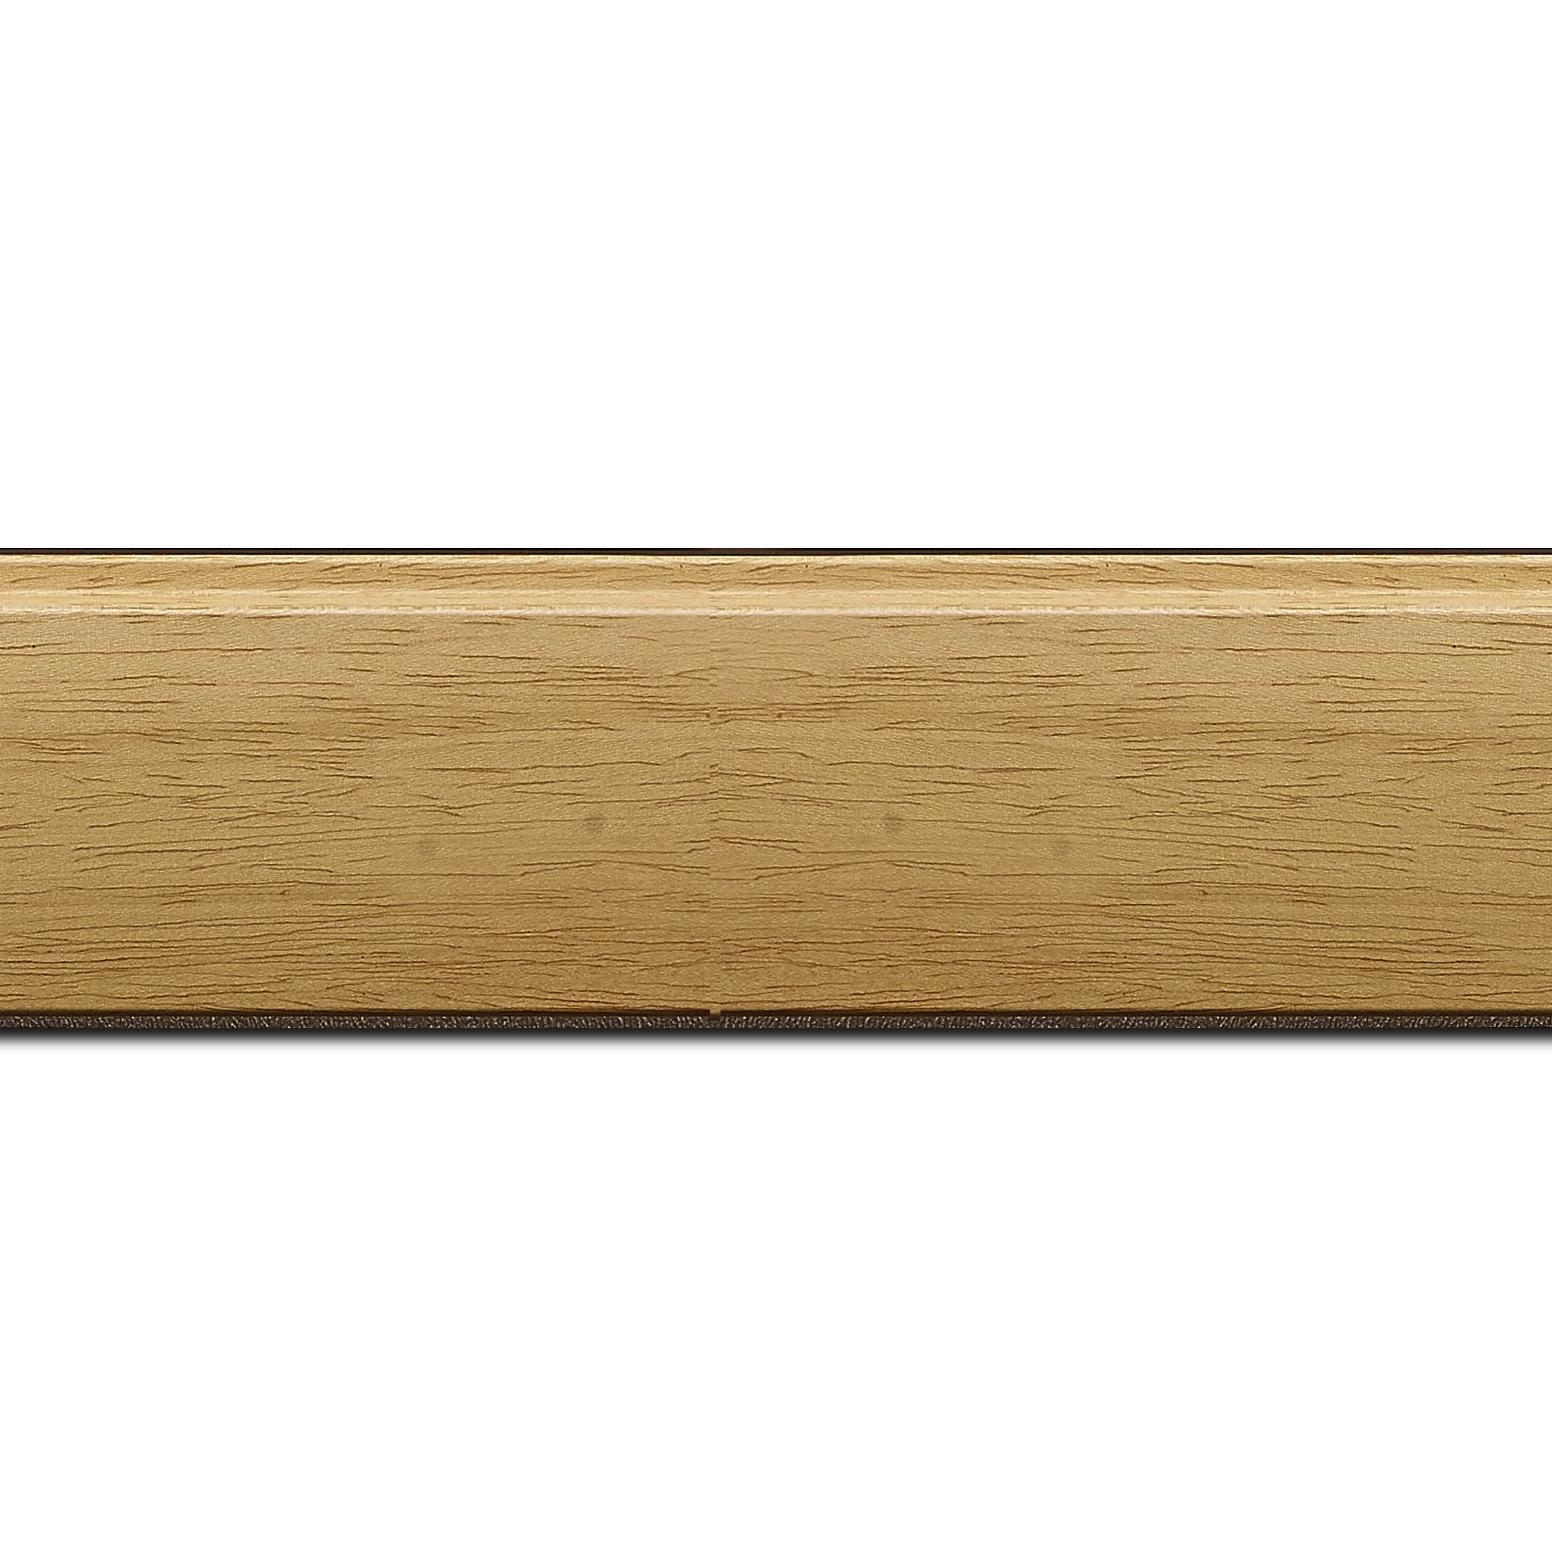 Pack par 12m, bois profil en pente méplat largeur 4.8cm ayous massif naturel (sans vernis, peut être peint...)  (longueur baguette pouvant varier entre 2.40m et 3m selon arrivage des bois)